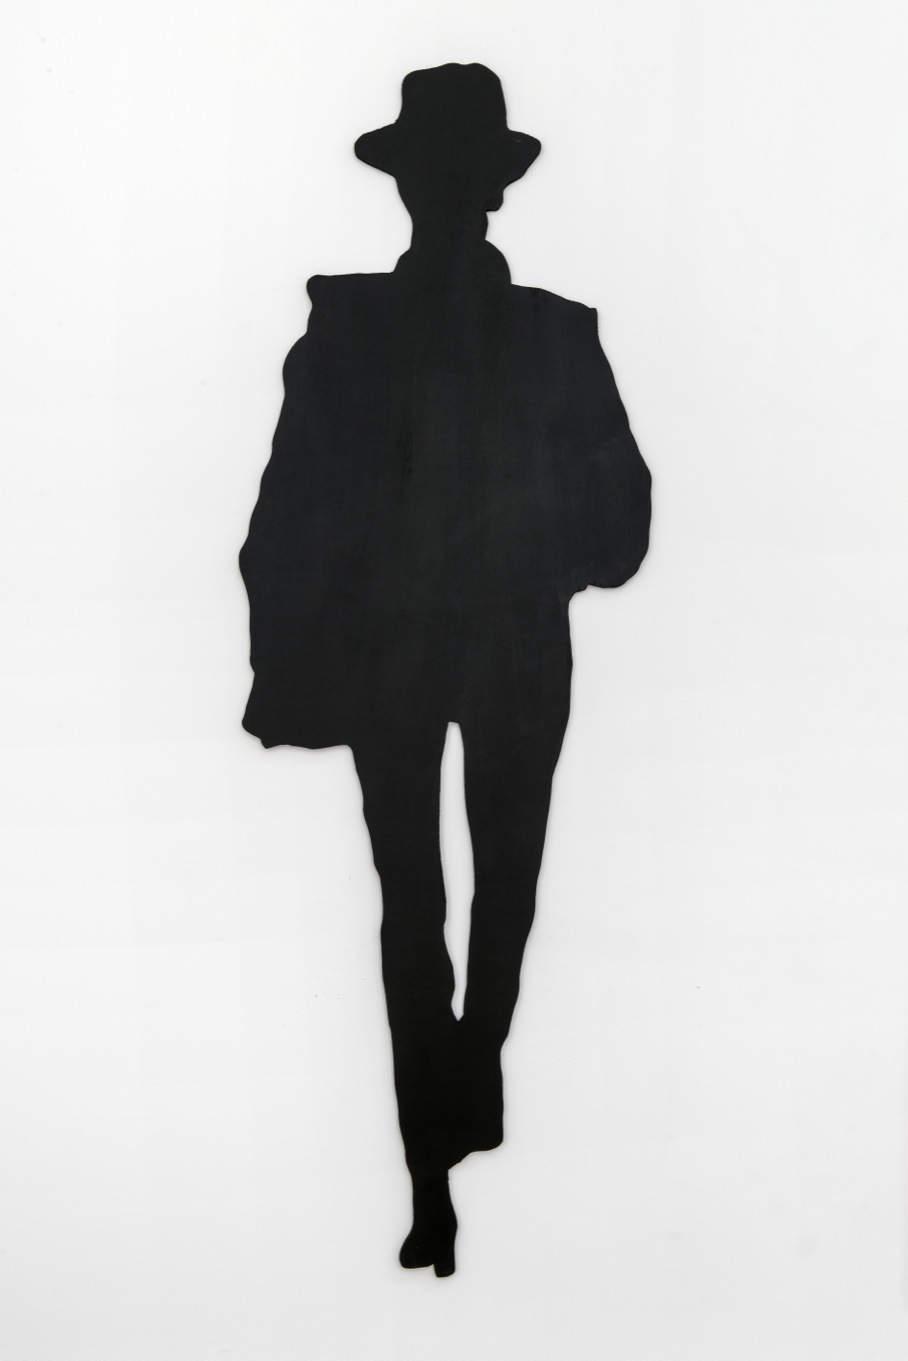 Sturtevant, Large Scale Model Beuys, La Rivoluzione Siamo Noi. Board 204 x 75 cm (80,3 x 29,5 in)